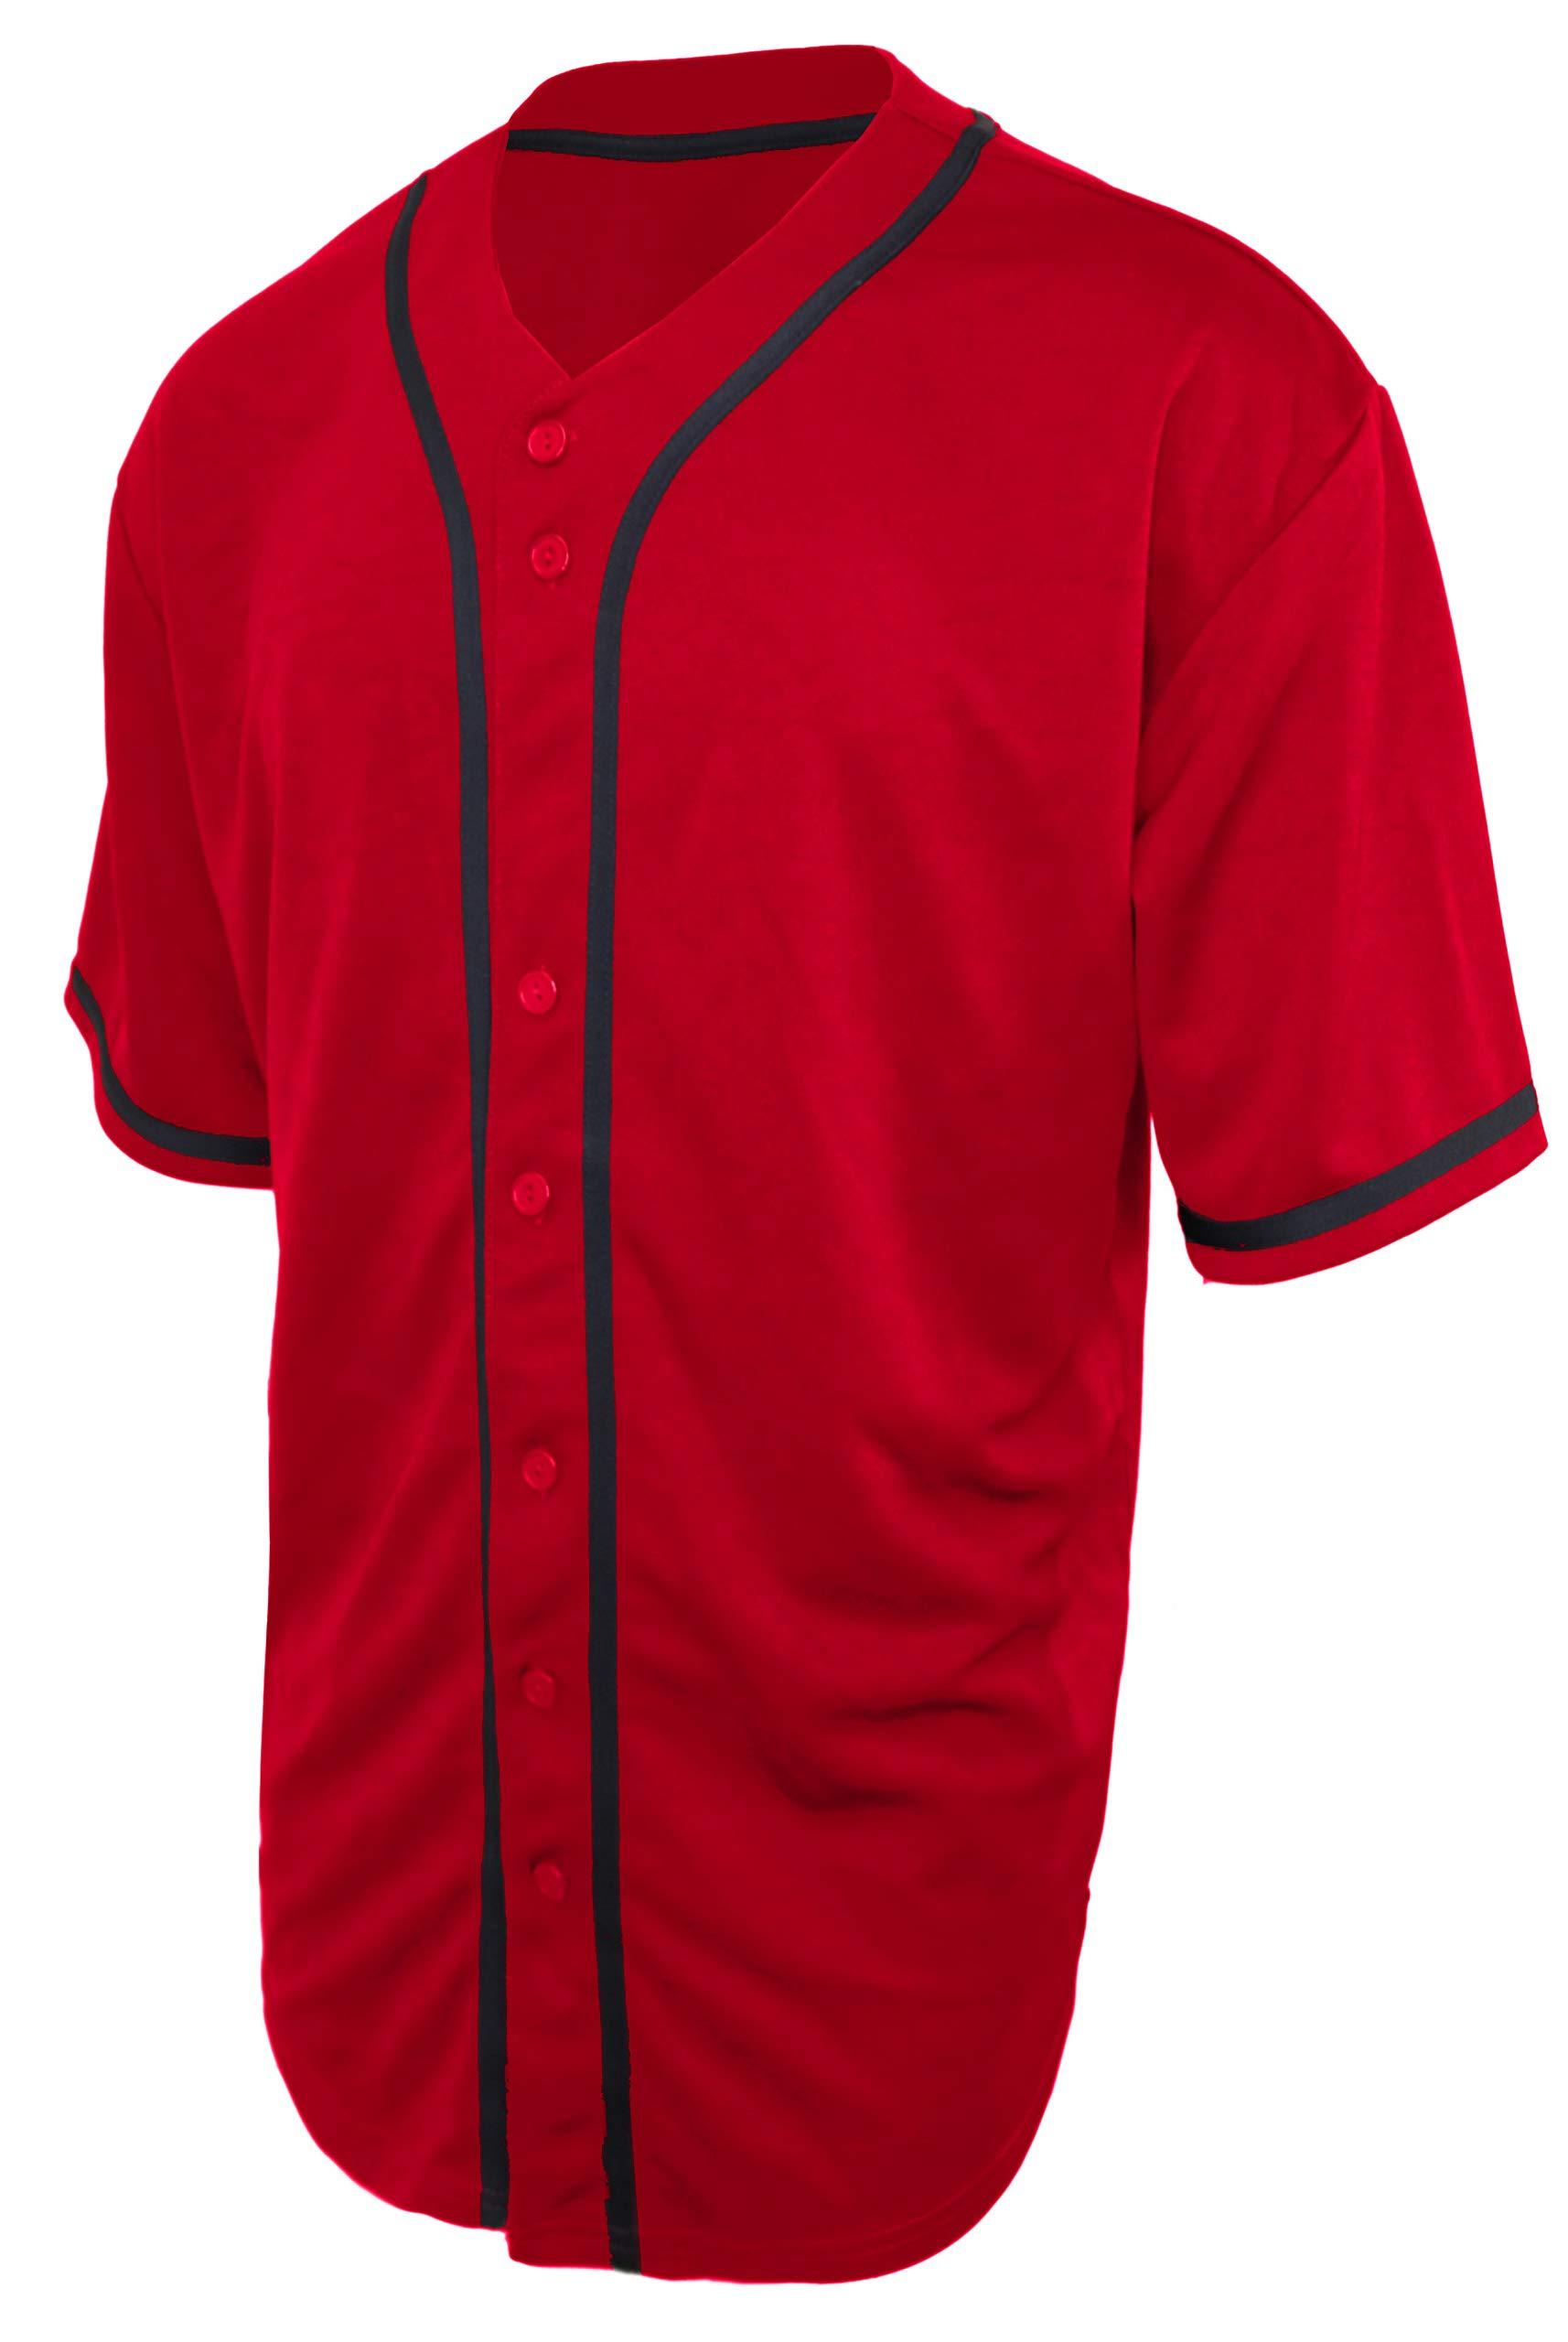 OLLIE ARNES Baseball Jersey, Hip-Hop Shirt Button Down Team Uniform Men Youth Toddler Sizes